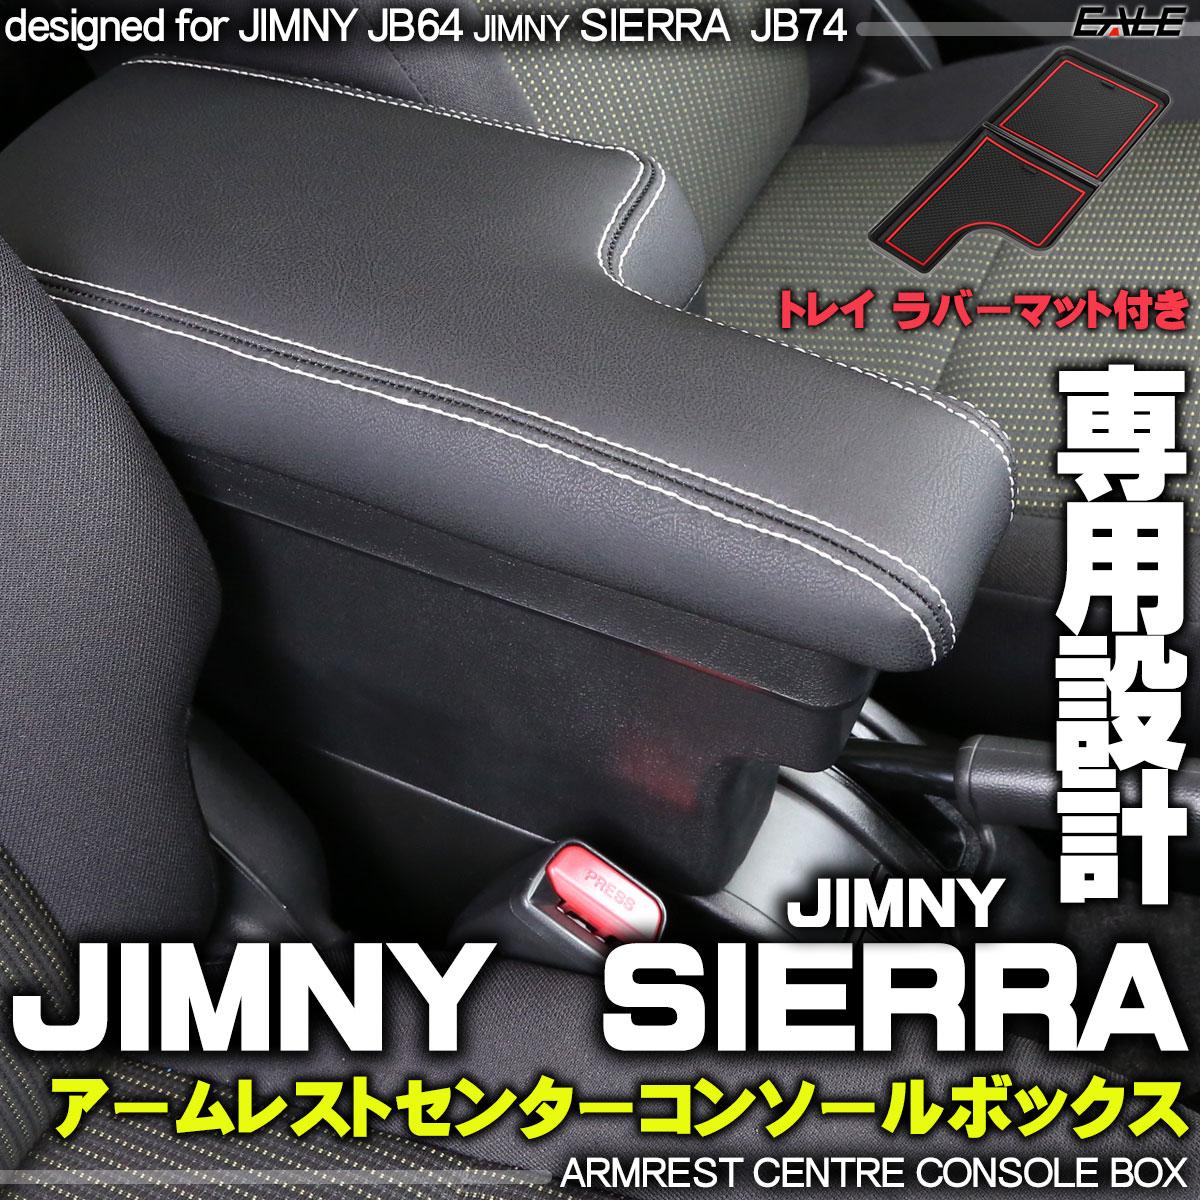 ジムニー ジムニーシエラ JB64 JB74 専用設計 アームレスト センターコンソールボックス ブラック トレイ ラバーマット付き S-868